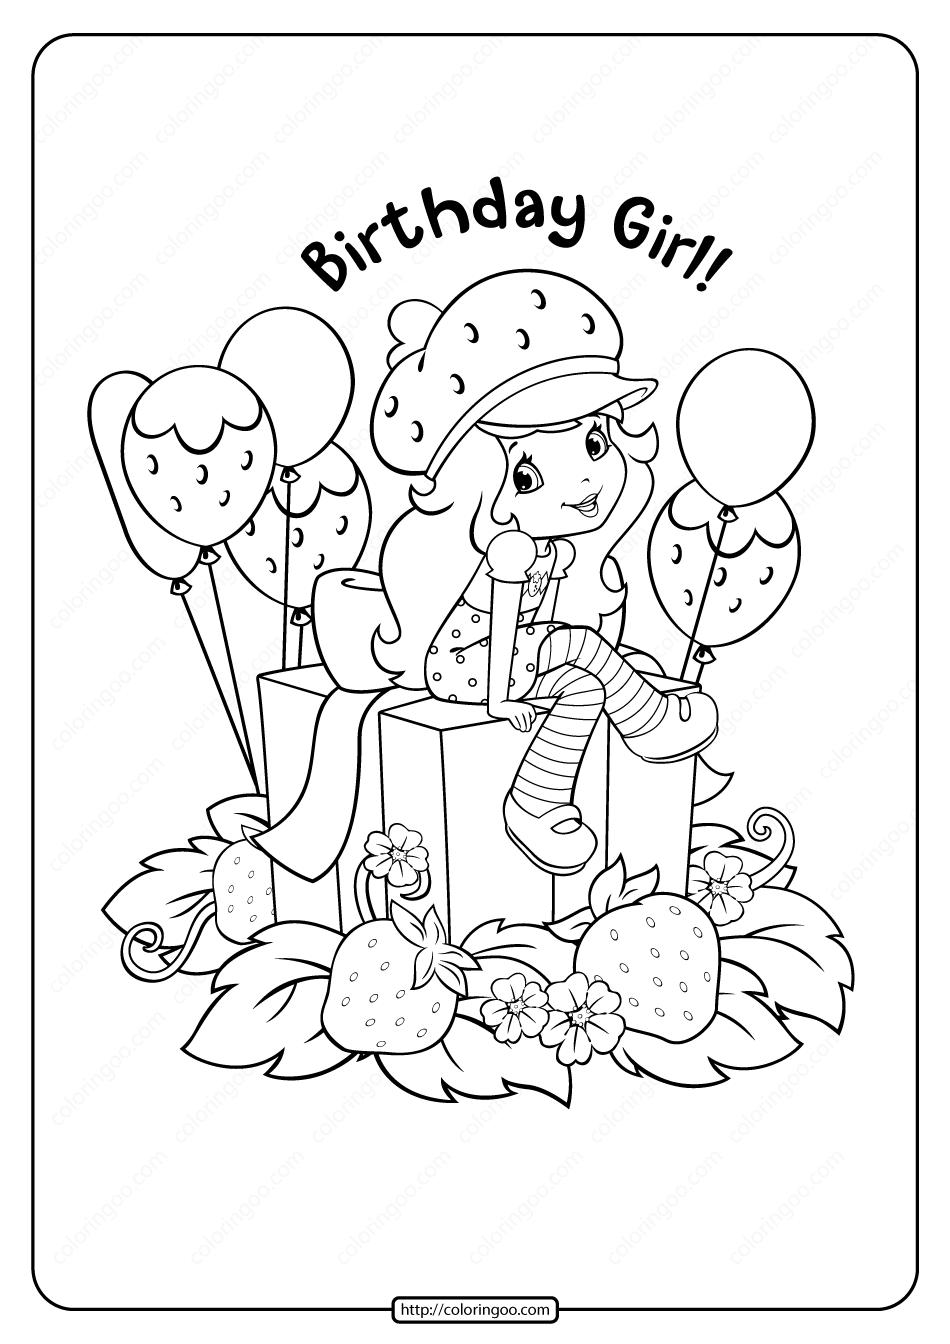 Printable Strawberry Shortcake Birthday Girl